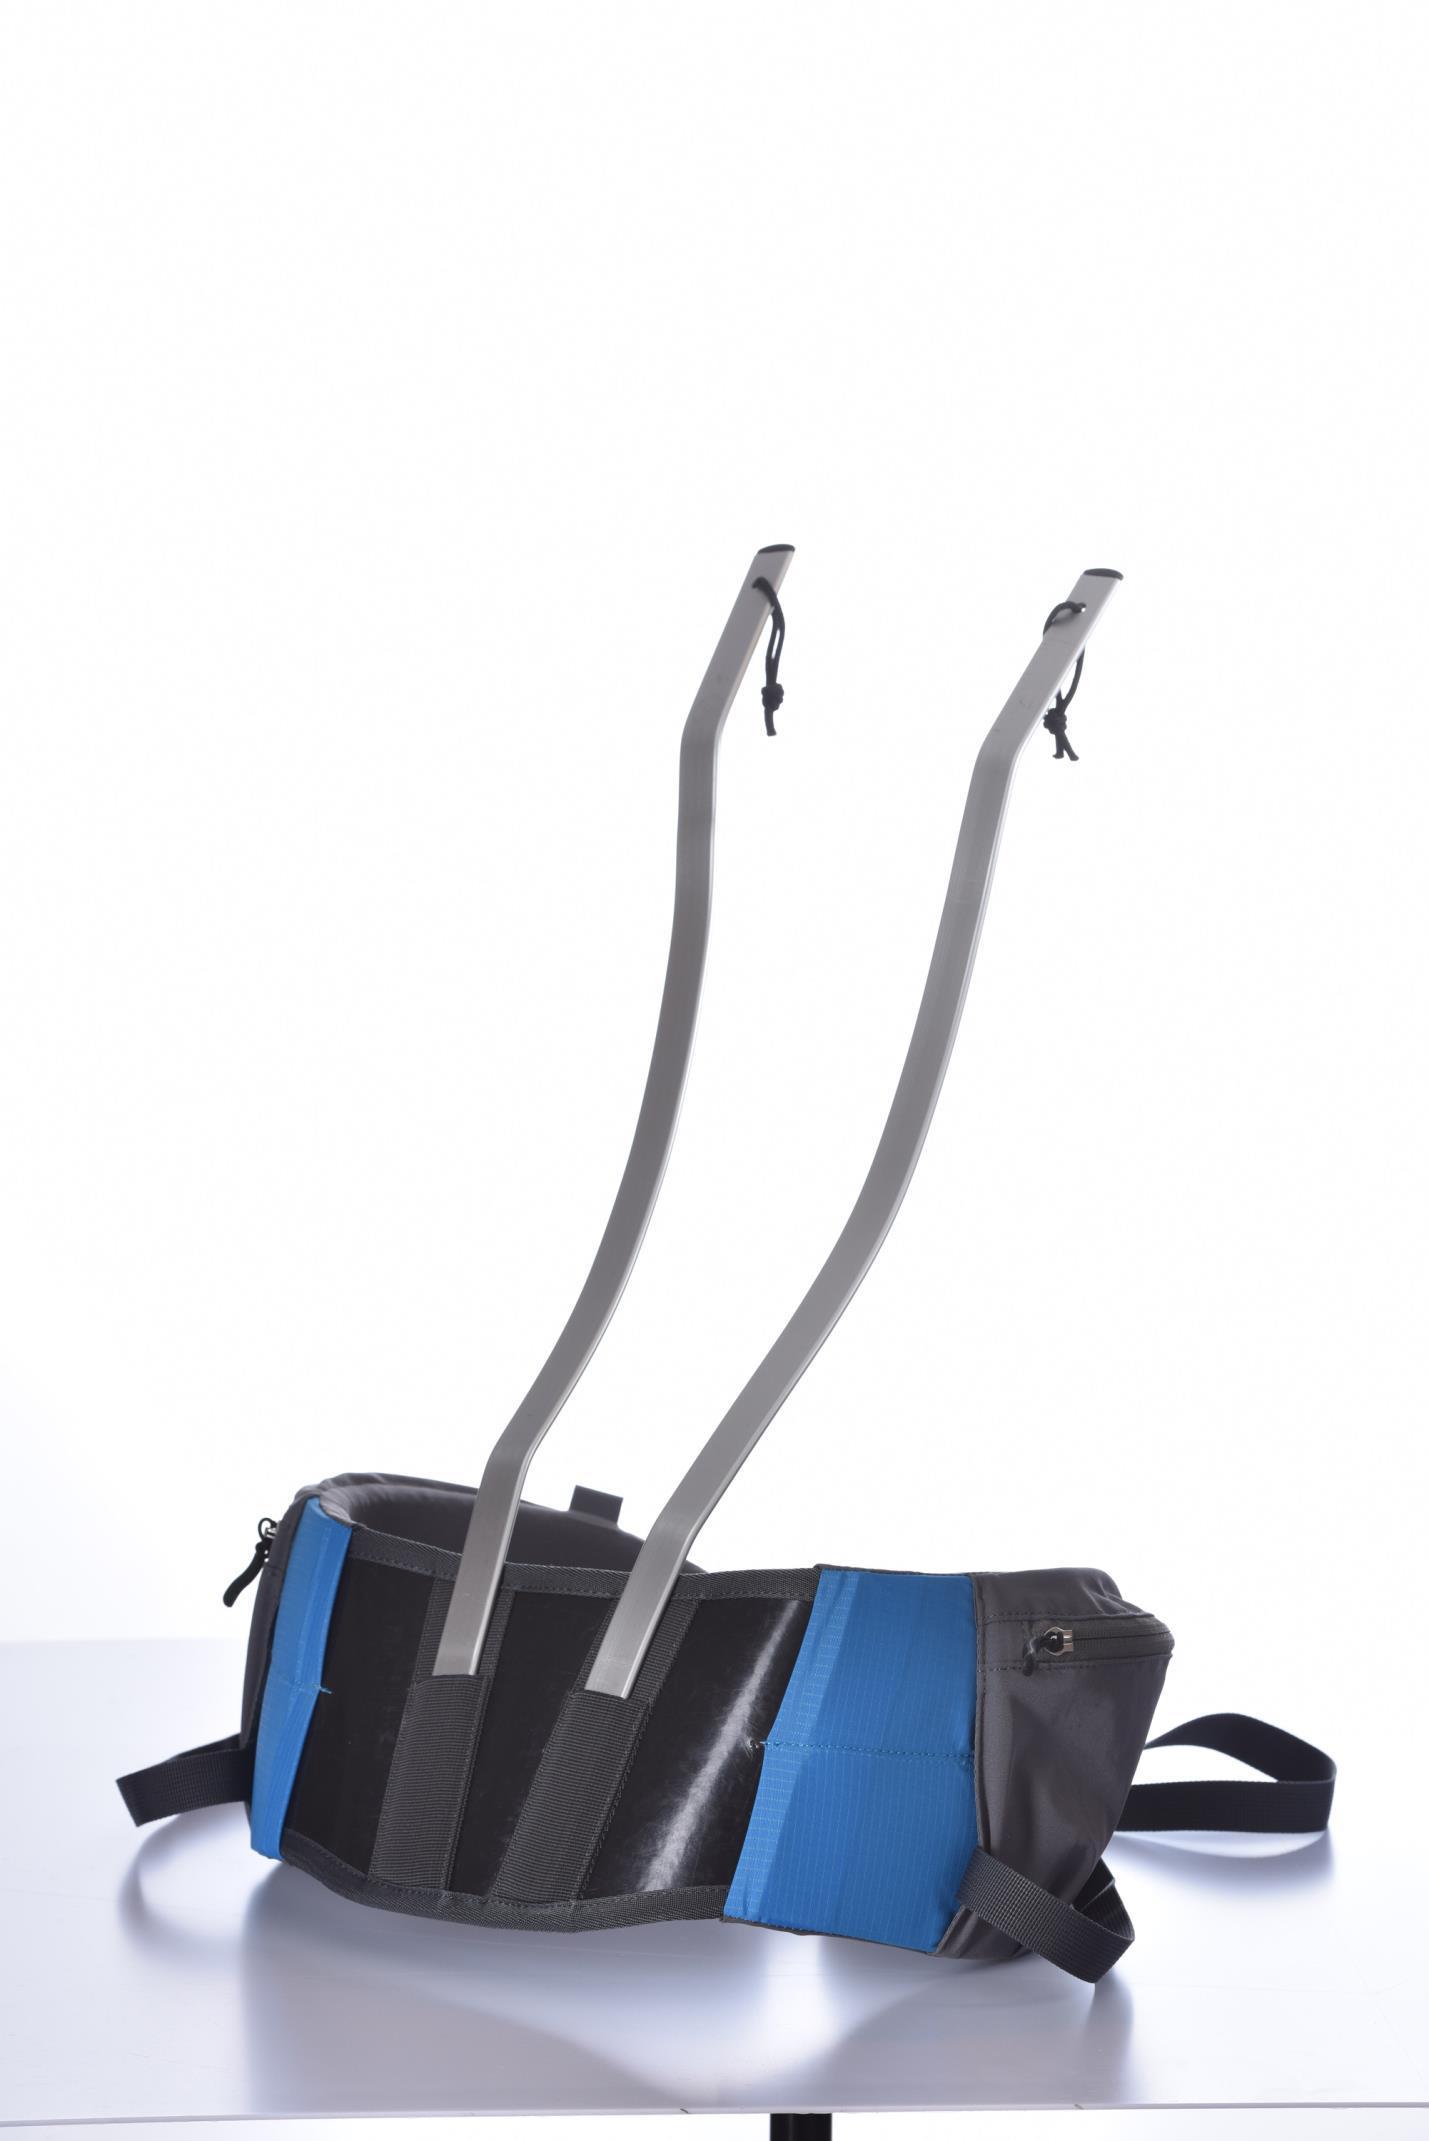 БАСК Латы для рюкзаков (2шт) серии NOMAD 1500Разные аксессуары<br><br><br>Материал изготовления: Алюминиевый сплав